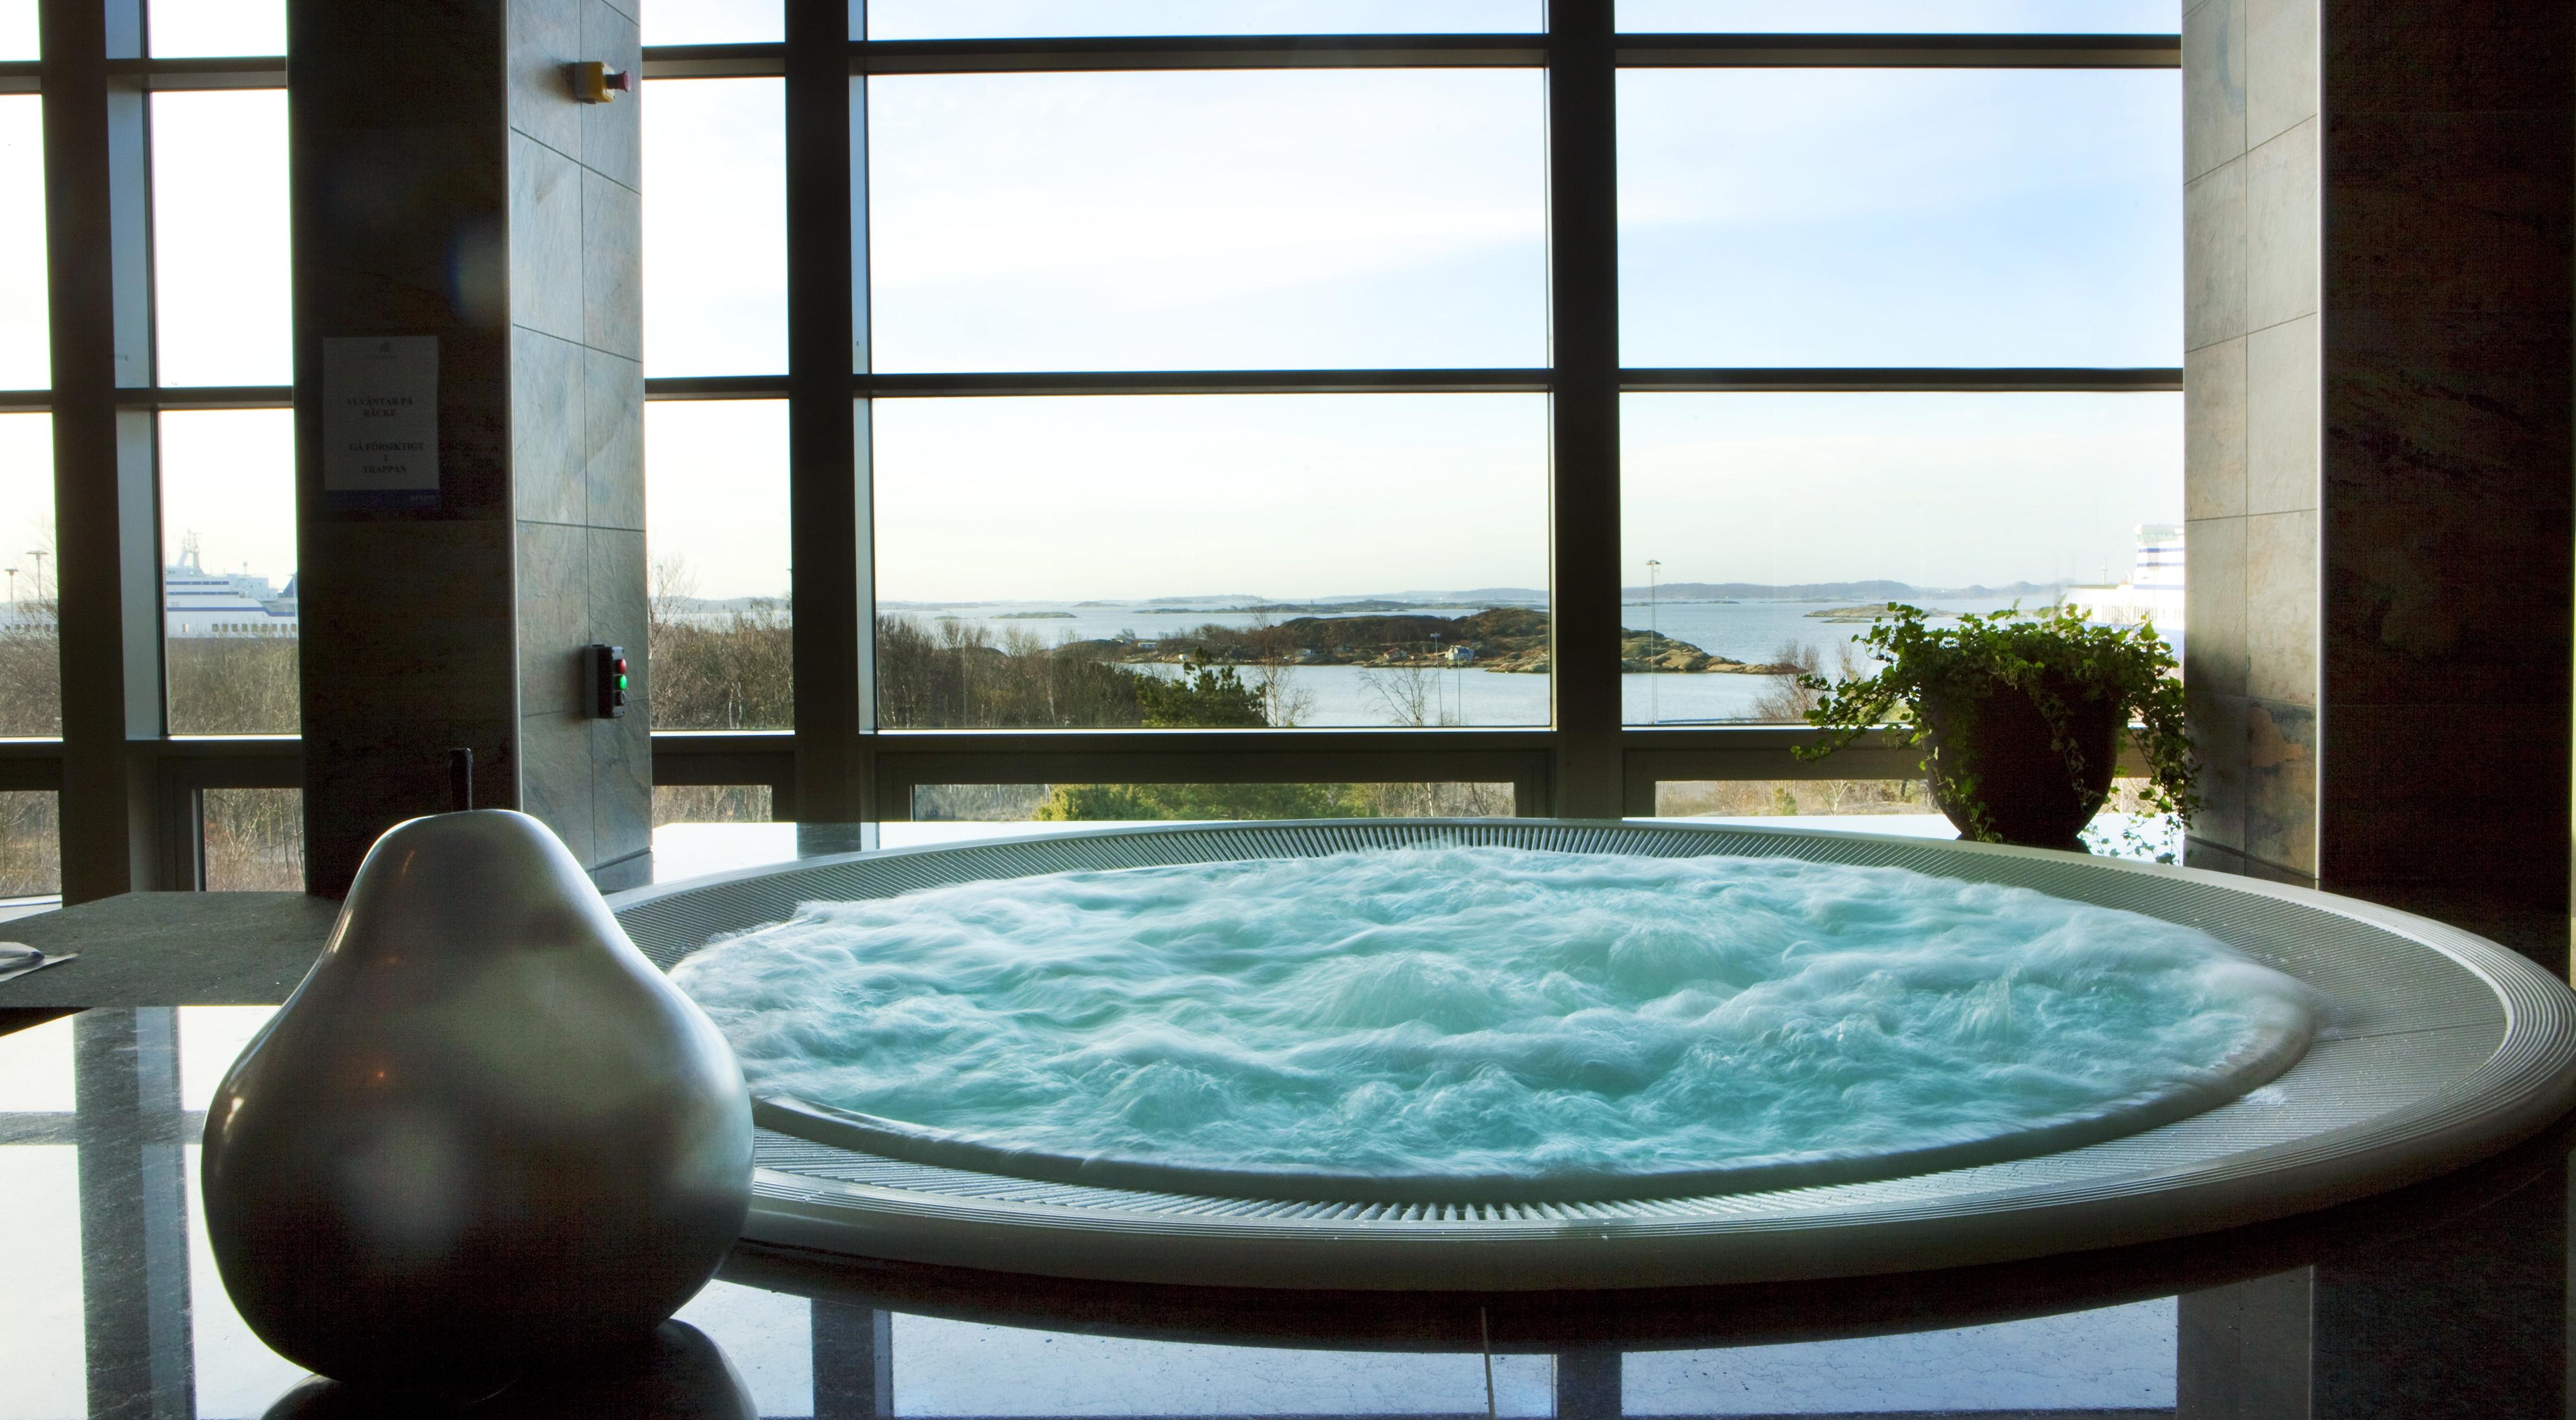 Välkommen till sveriges bästa webbplats om spa och hotell!